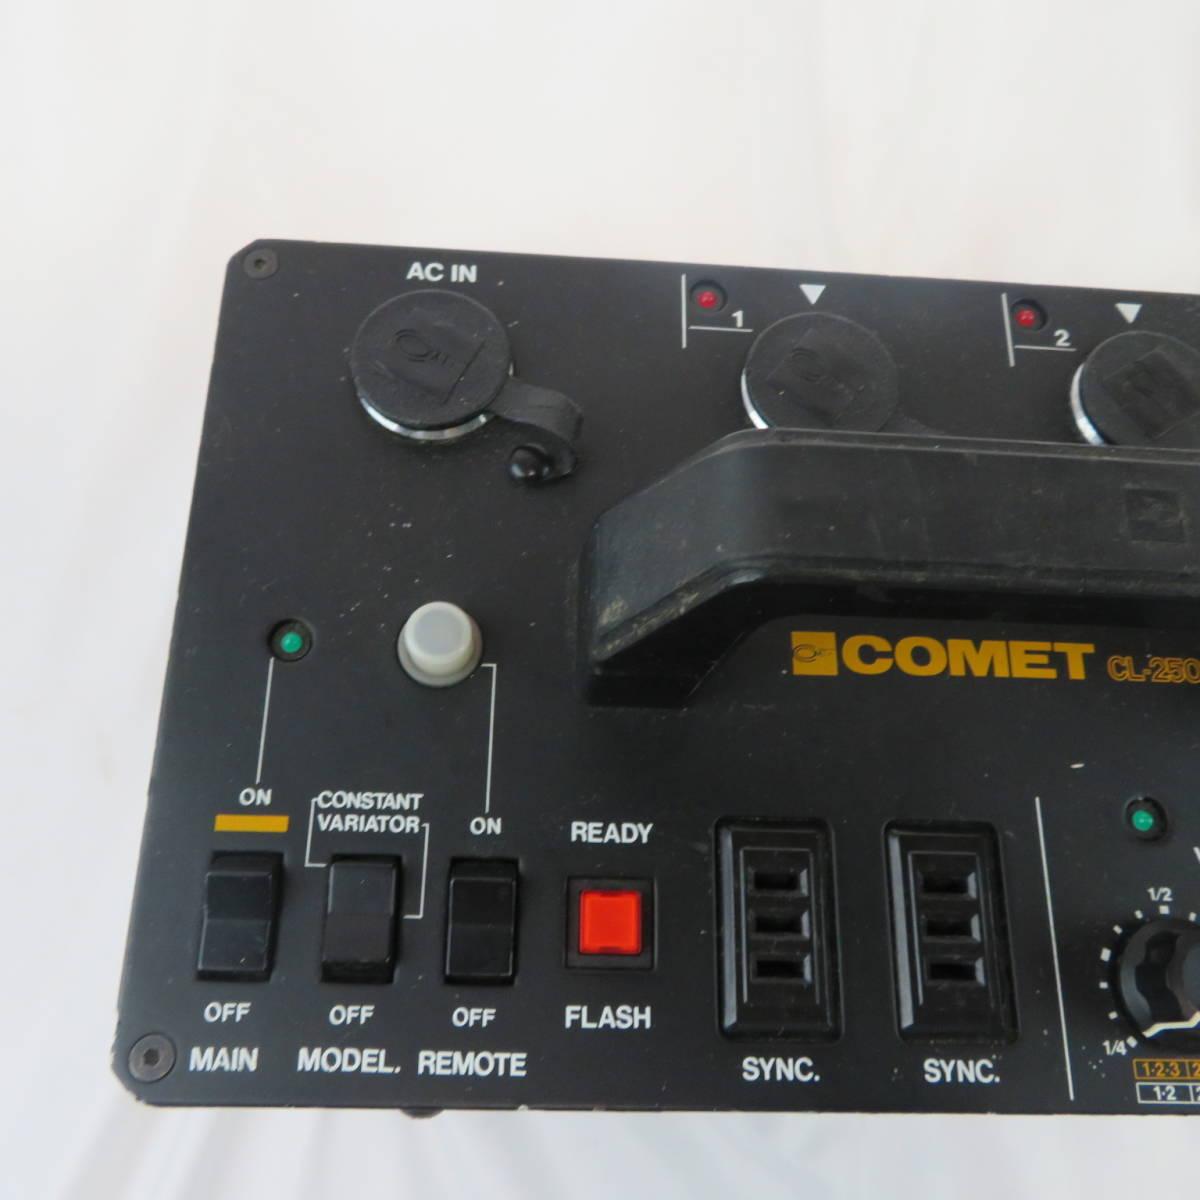 コメット CL-2500 ストロボ 業務用 動作未確認(20-1092)_画像7